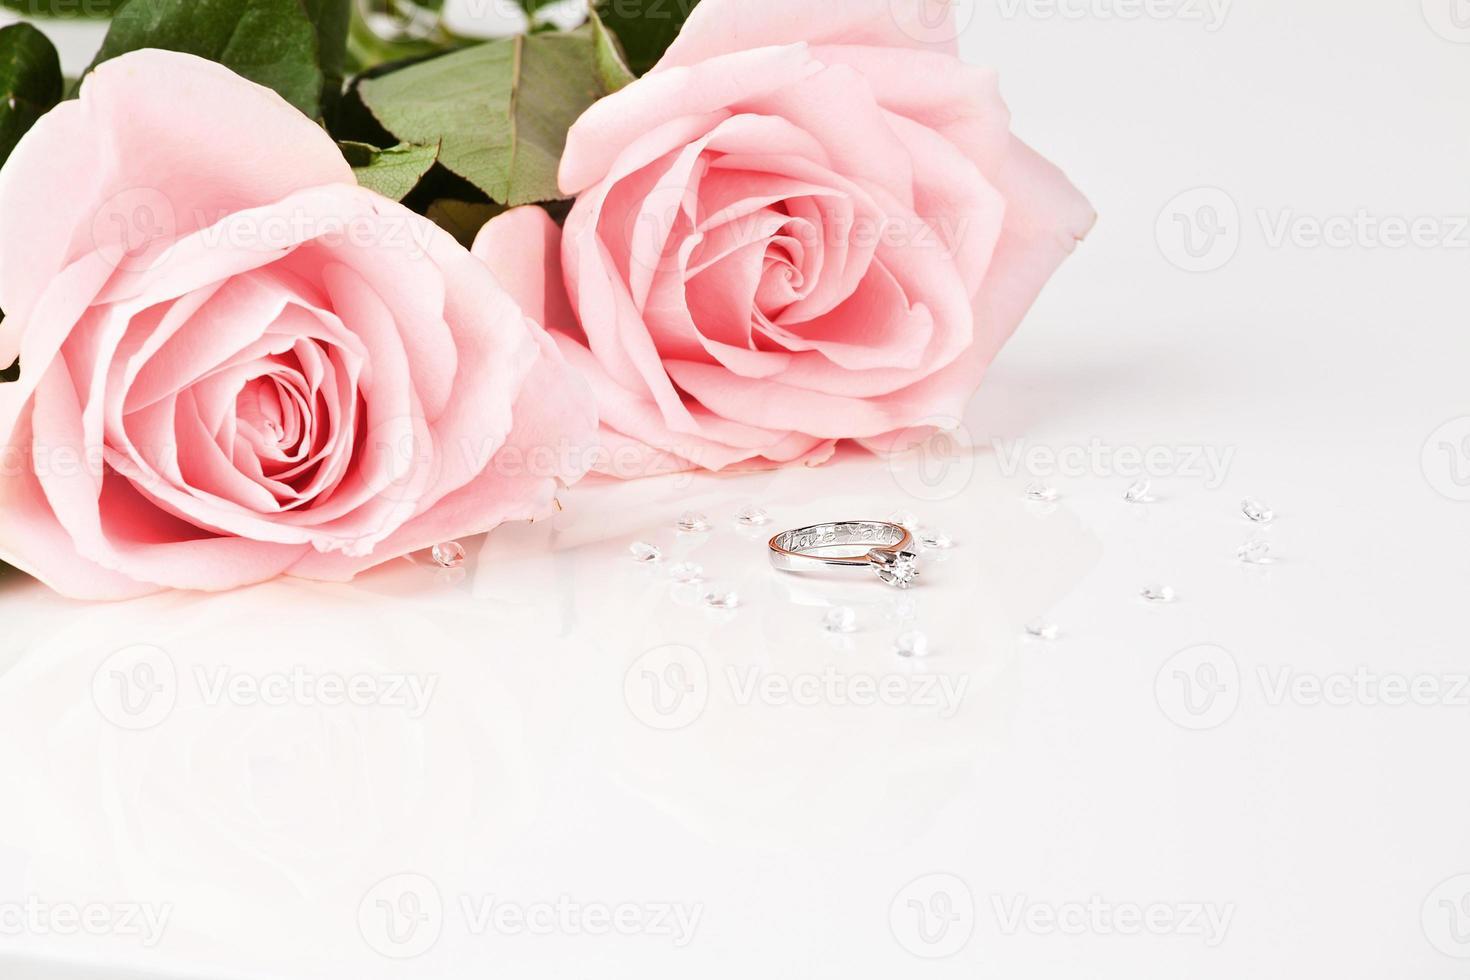 schöner Diamantring mit rosa Rosen foto